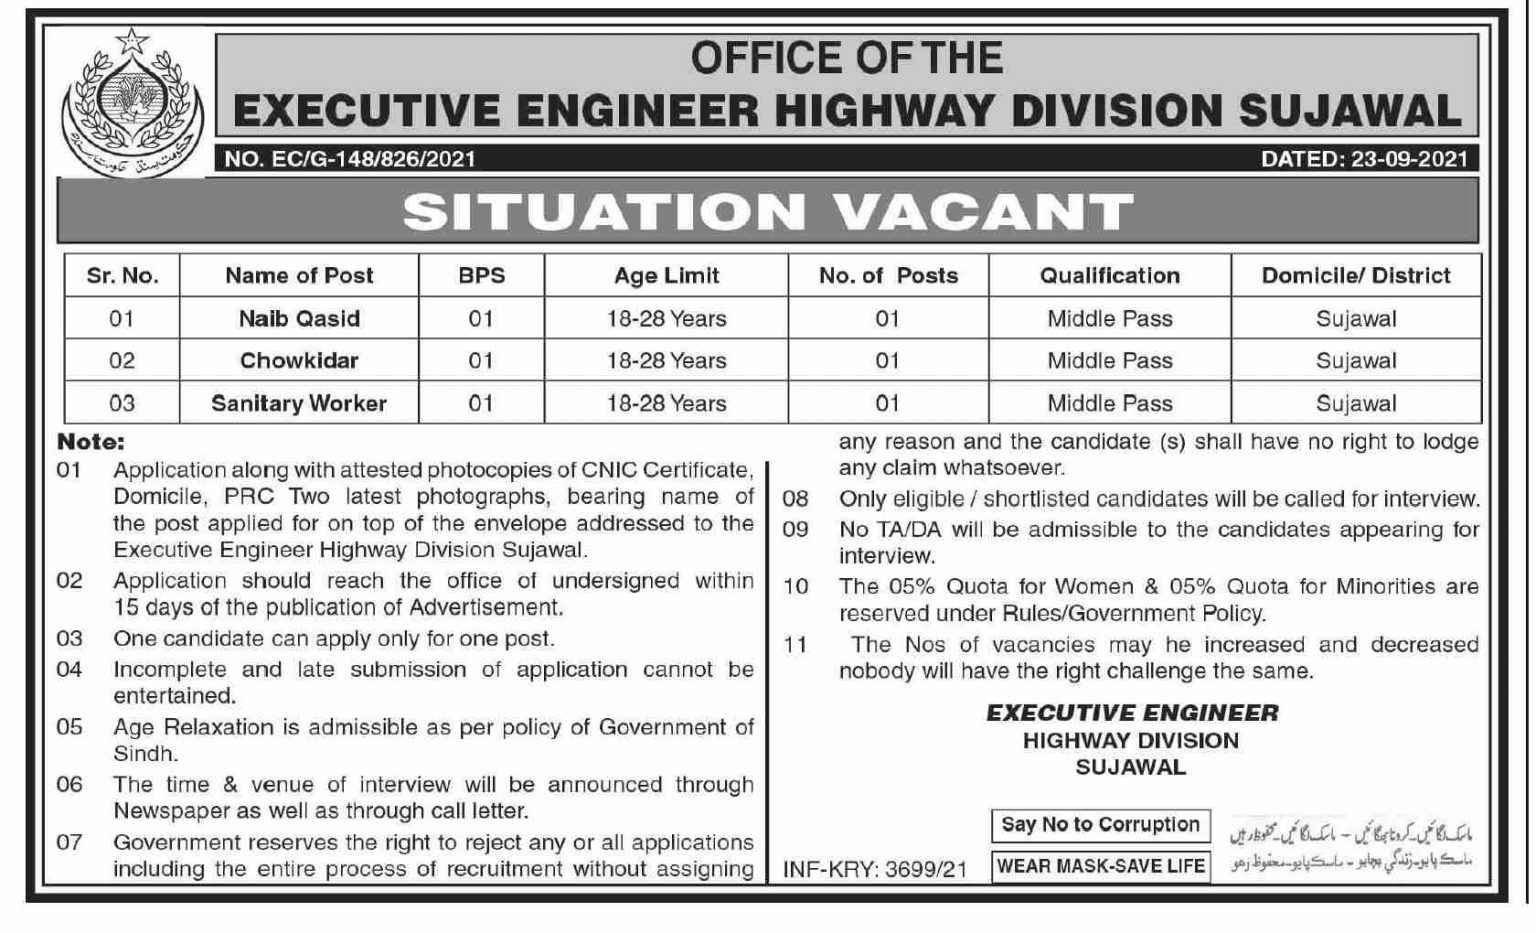 Executive Engineer Highway Division Sujawal Jobs 2021